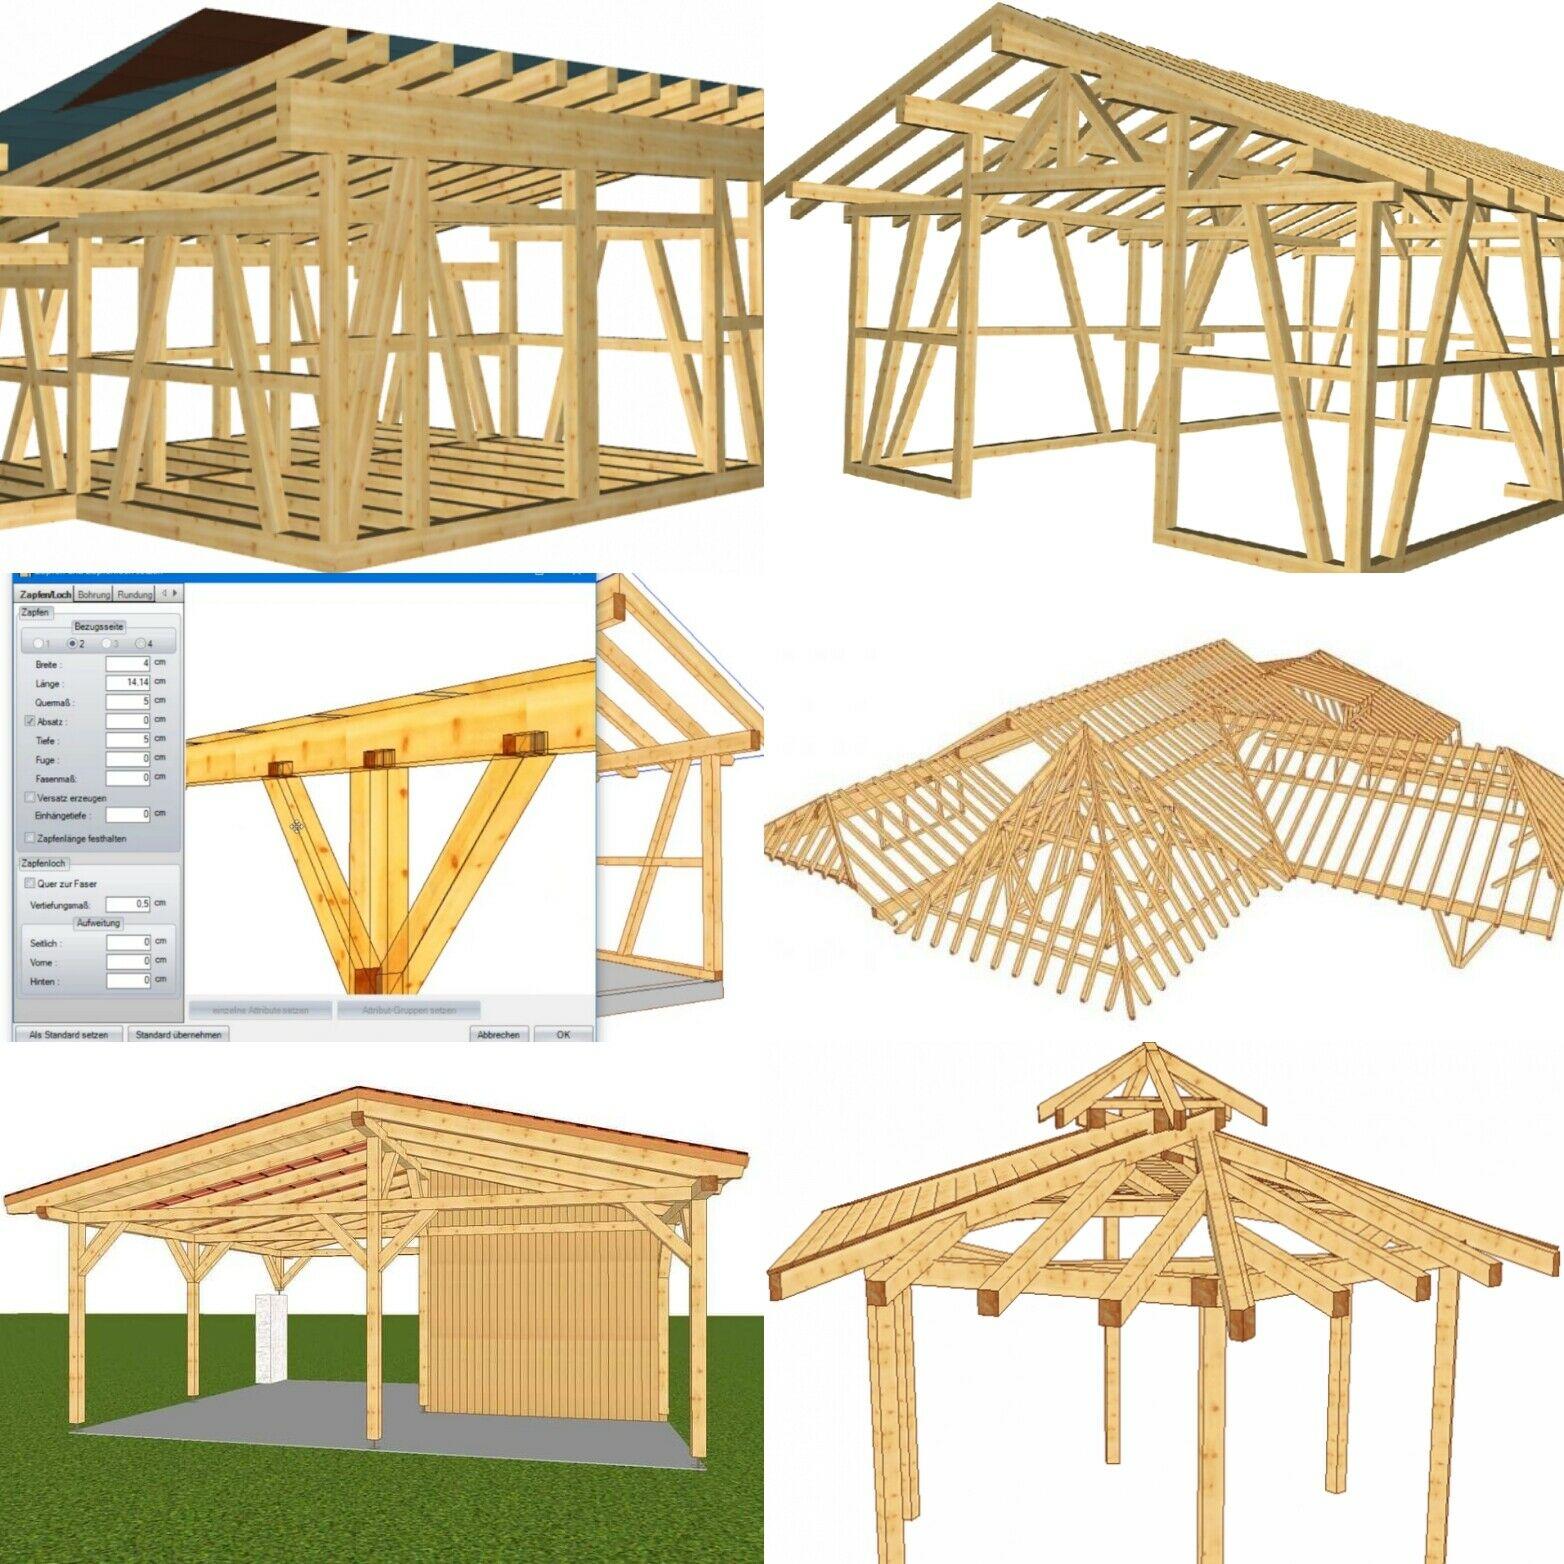 LIGNIKON XL V14 | zur Jahresmiete - 3D-CAD Holzbausoftware für erweiterte Targkonstruktionen & Abbund